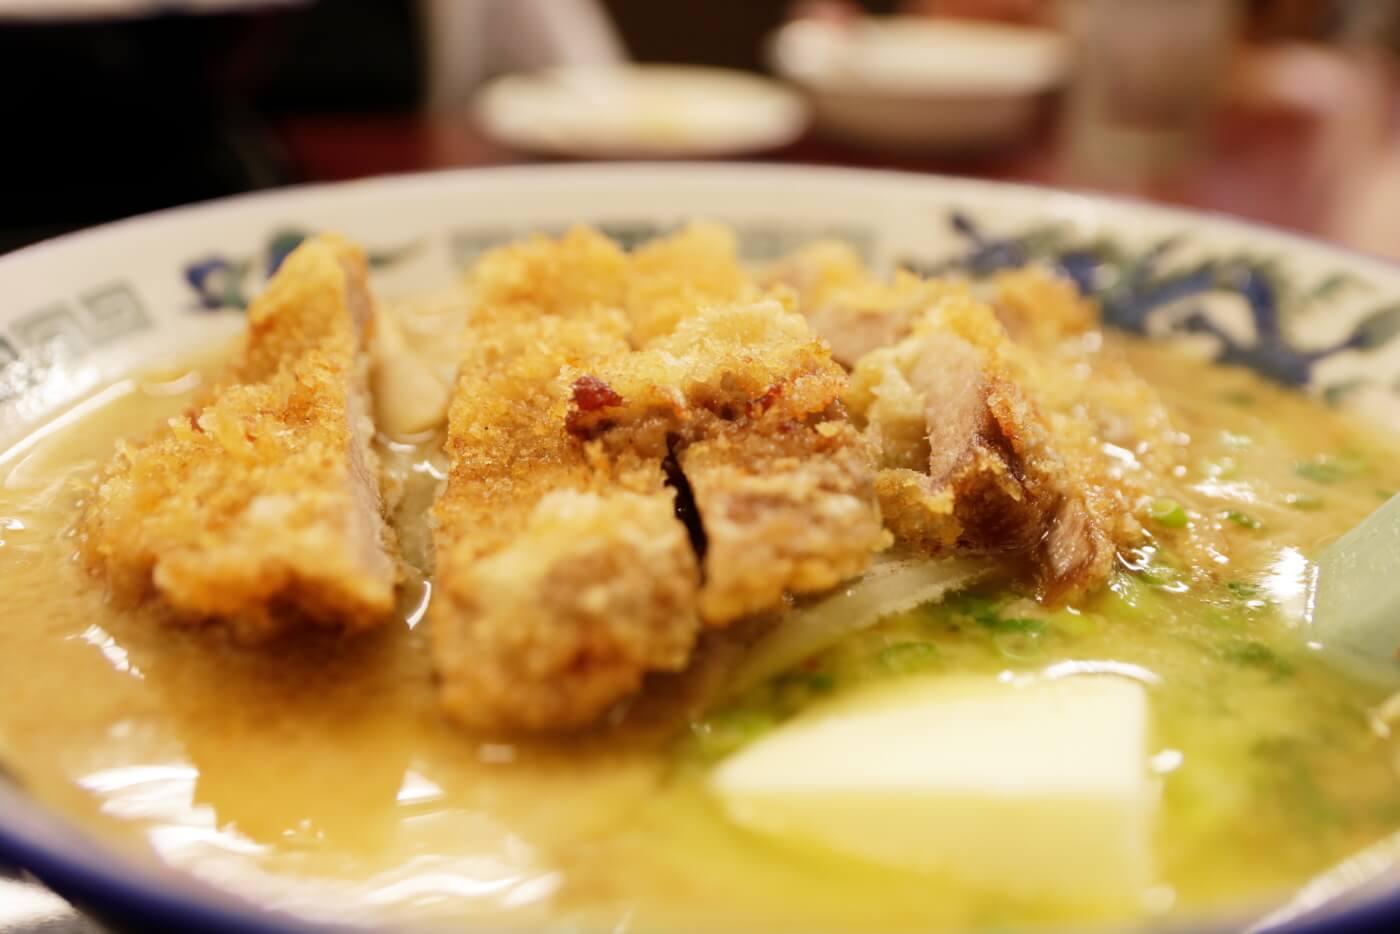 高知市にあるラーメン屋さん鈴木食堂の味噌カツラーメンにのったトンカツ